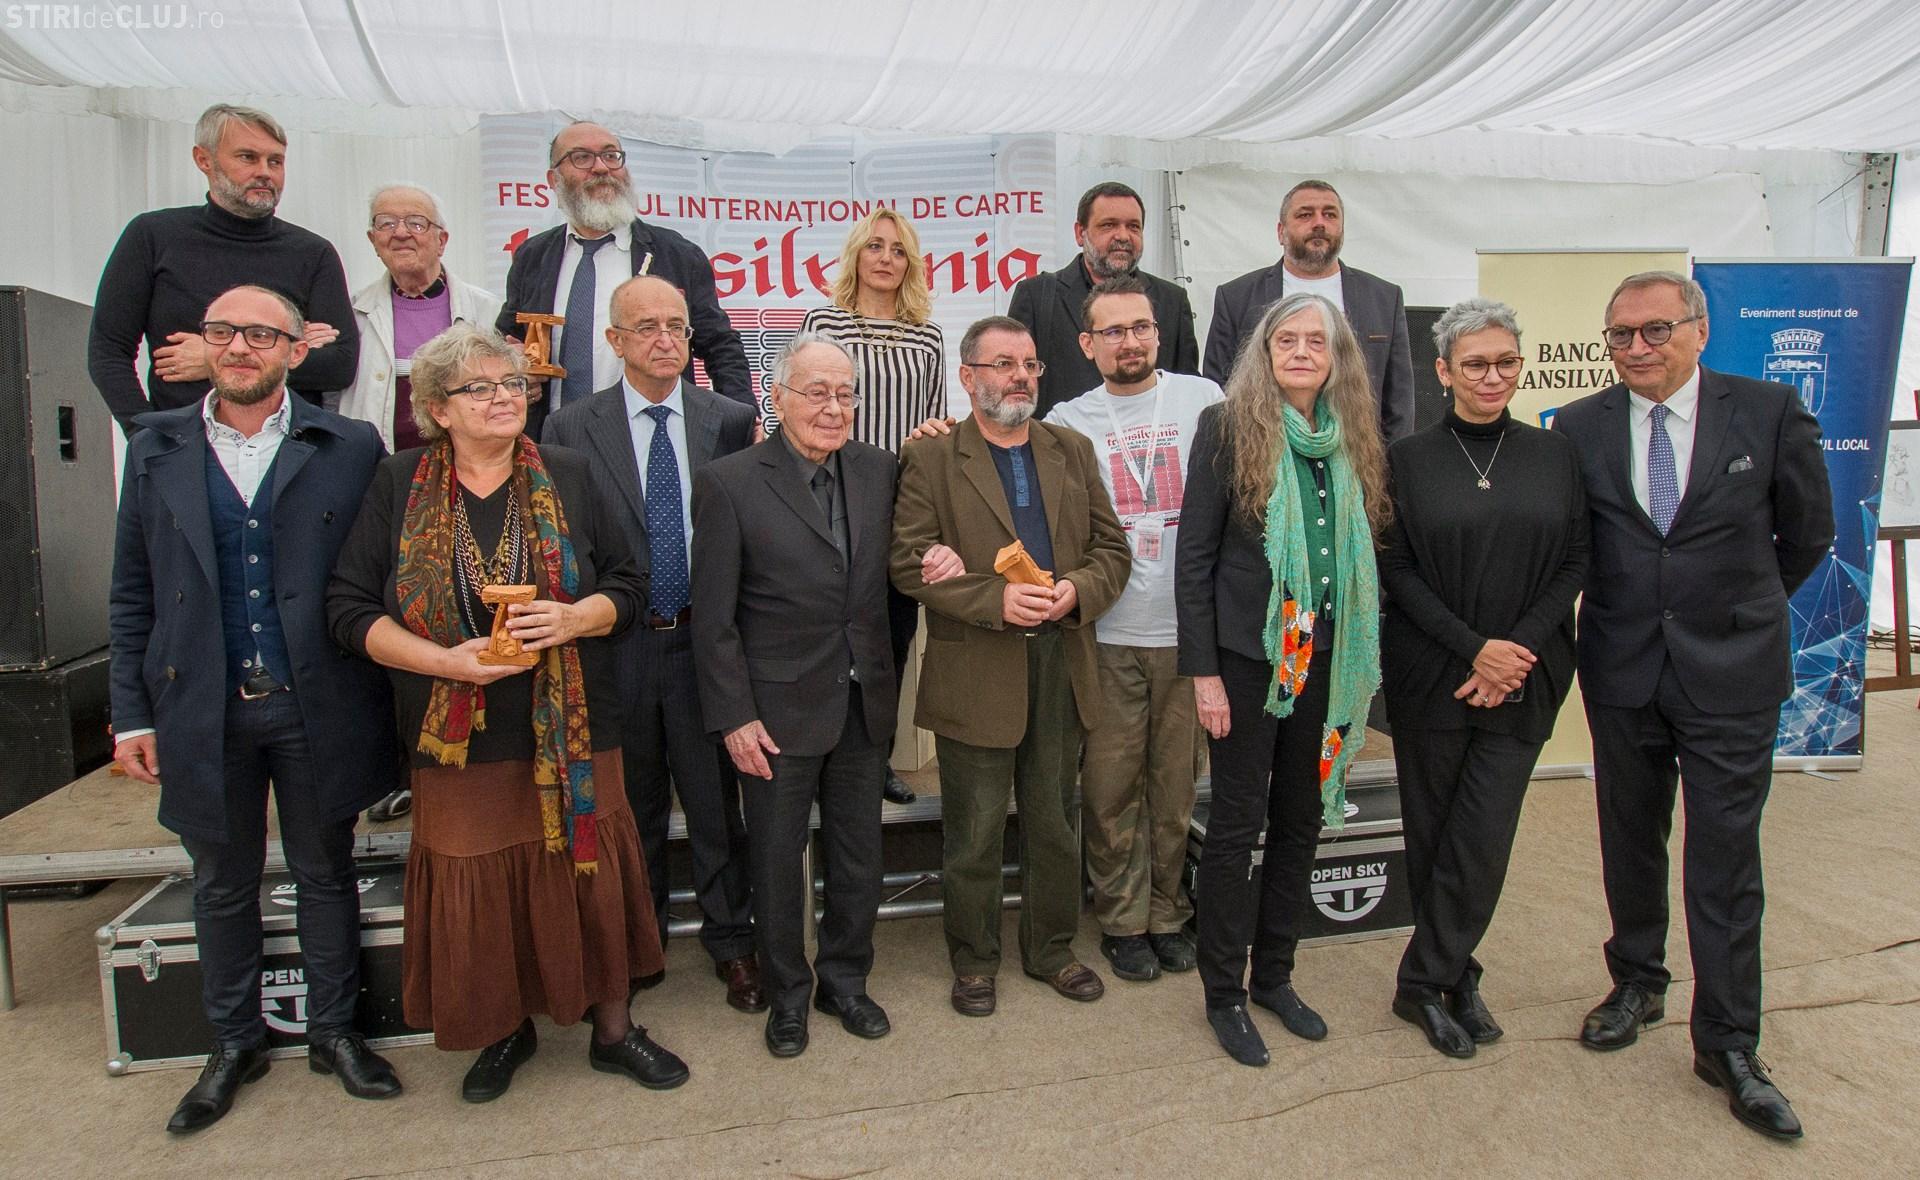 Premiile FICT, Festivalul Internațional de Carte Transilvania